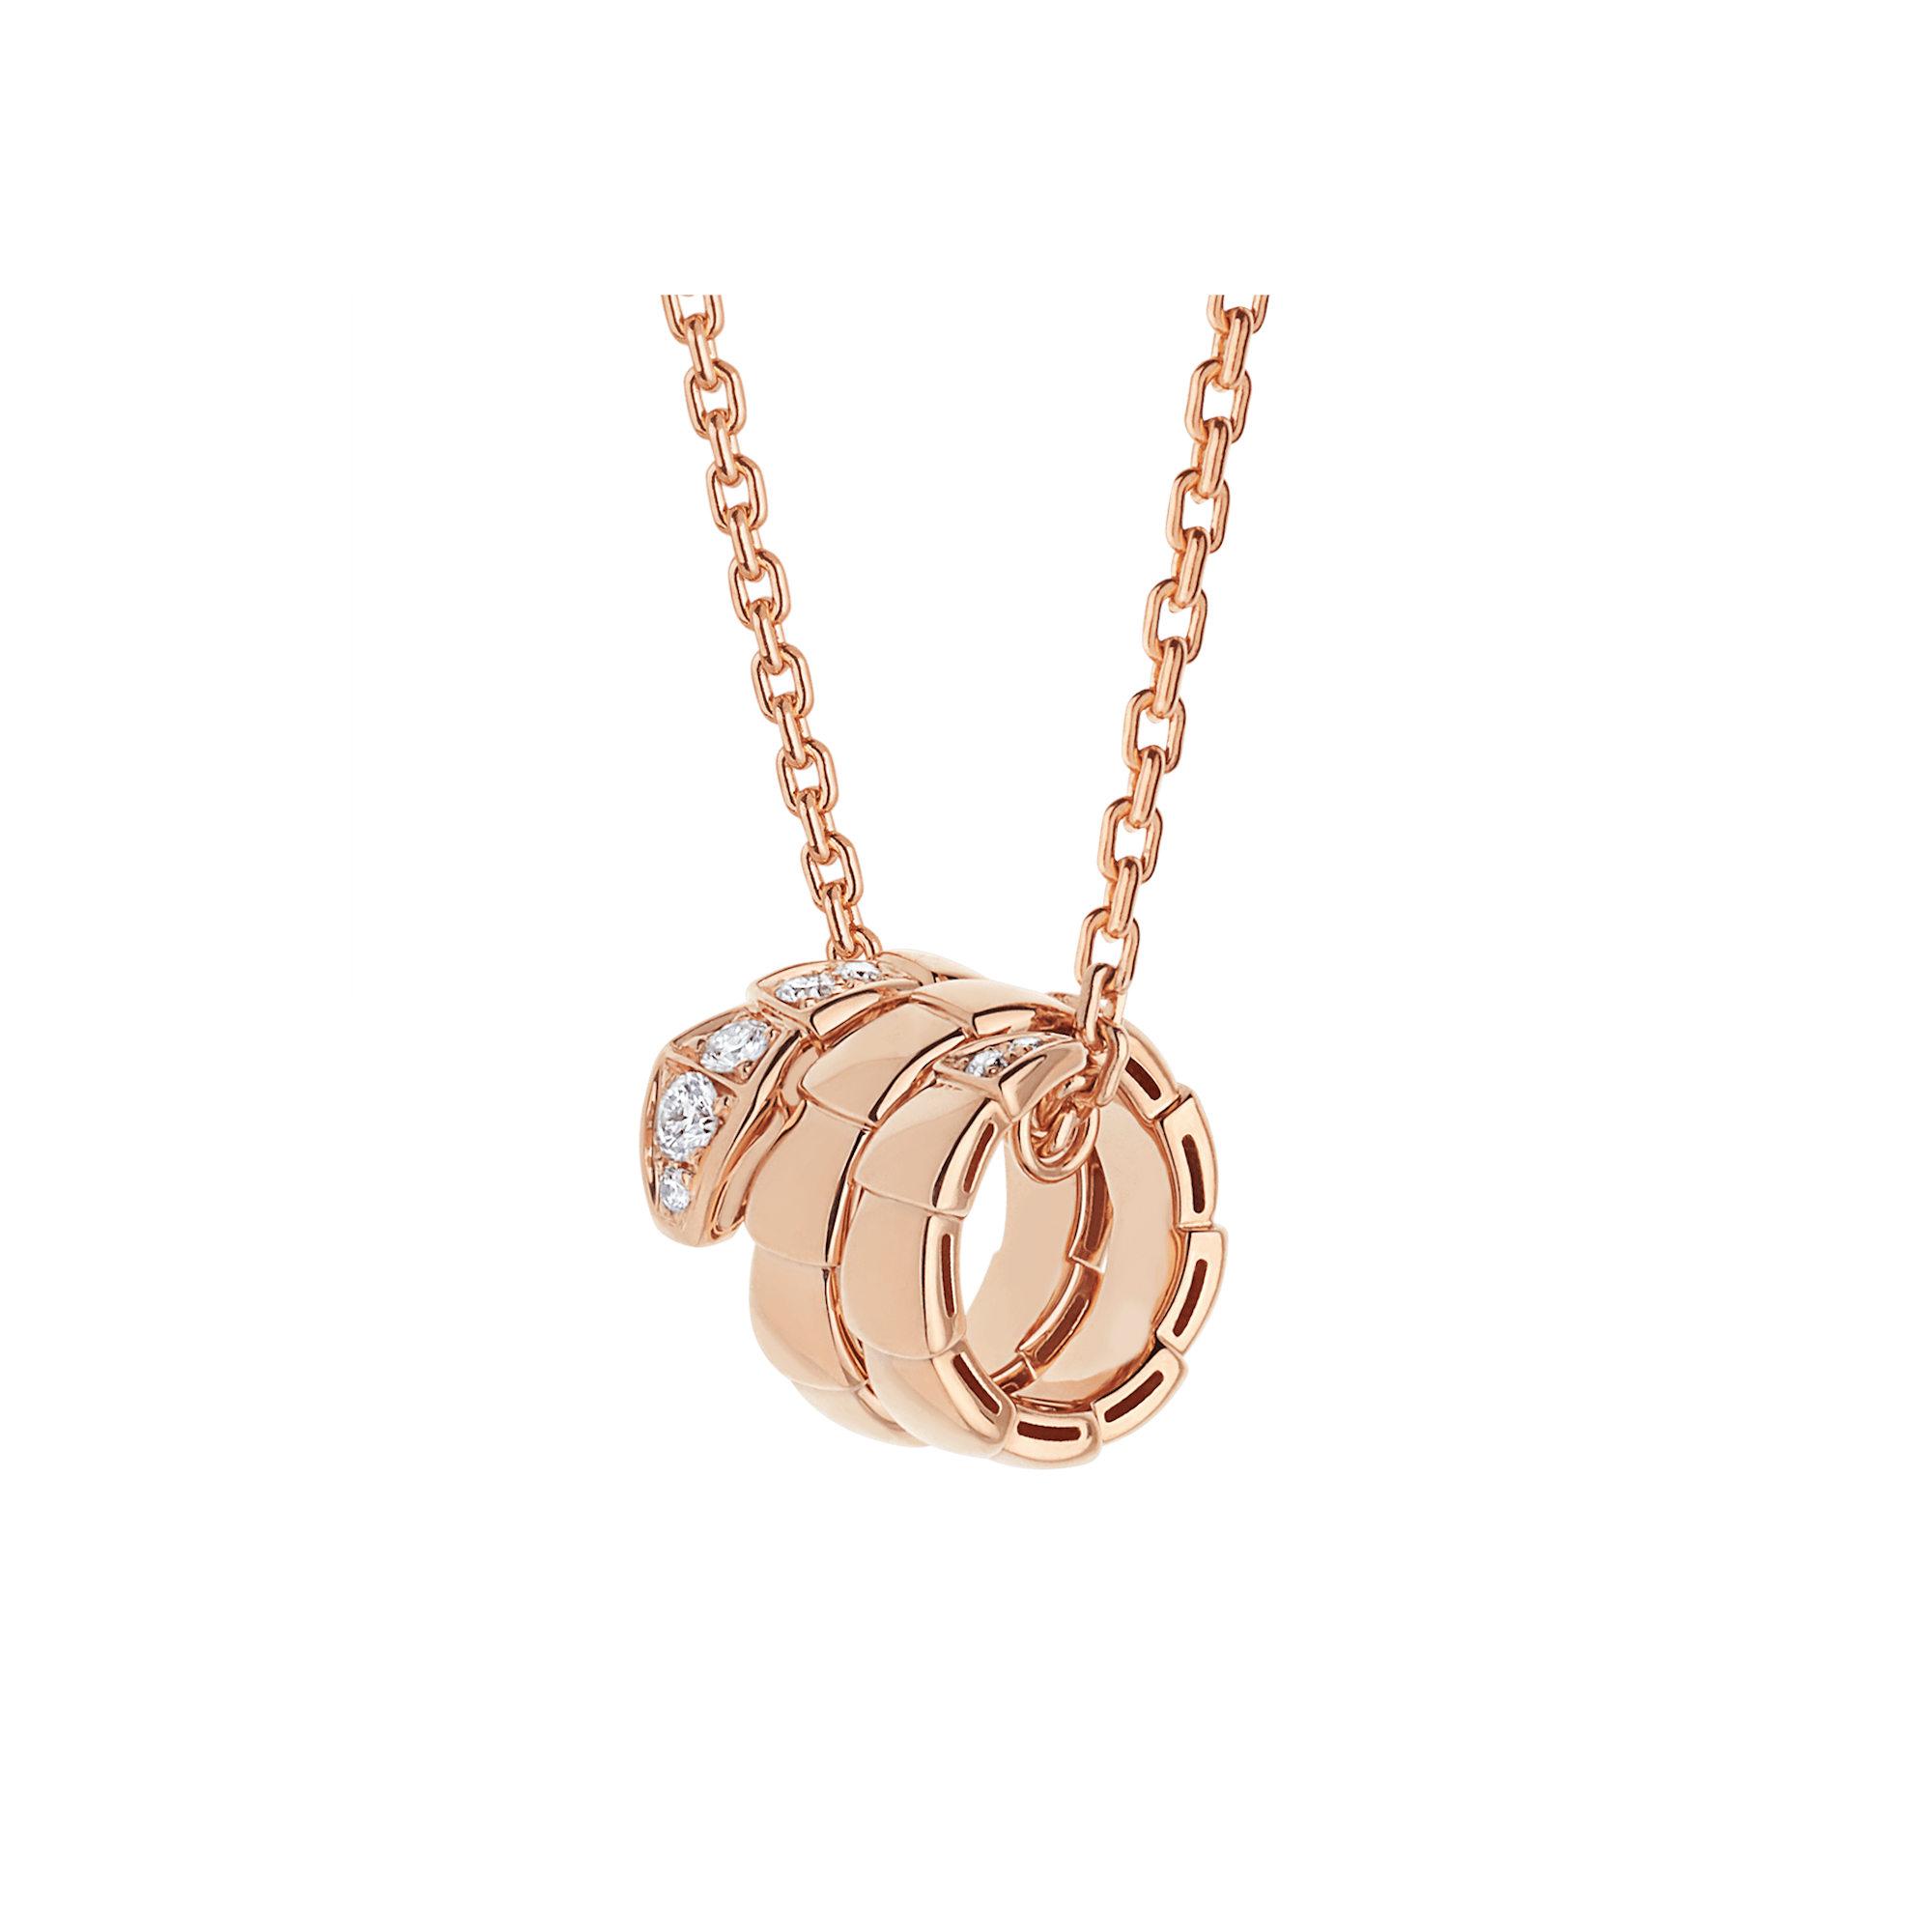 BVLGARI SERPENTI VIPER COLLANA necklace diamonds sconto discount